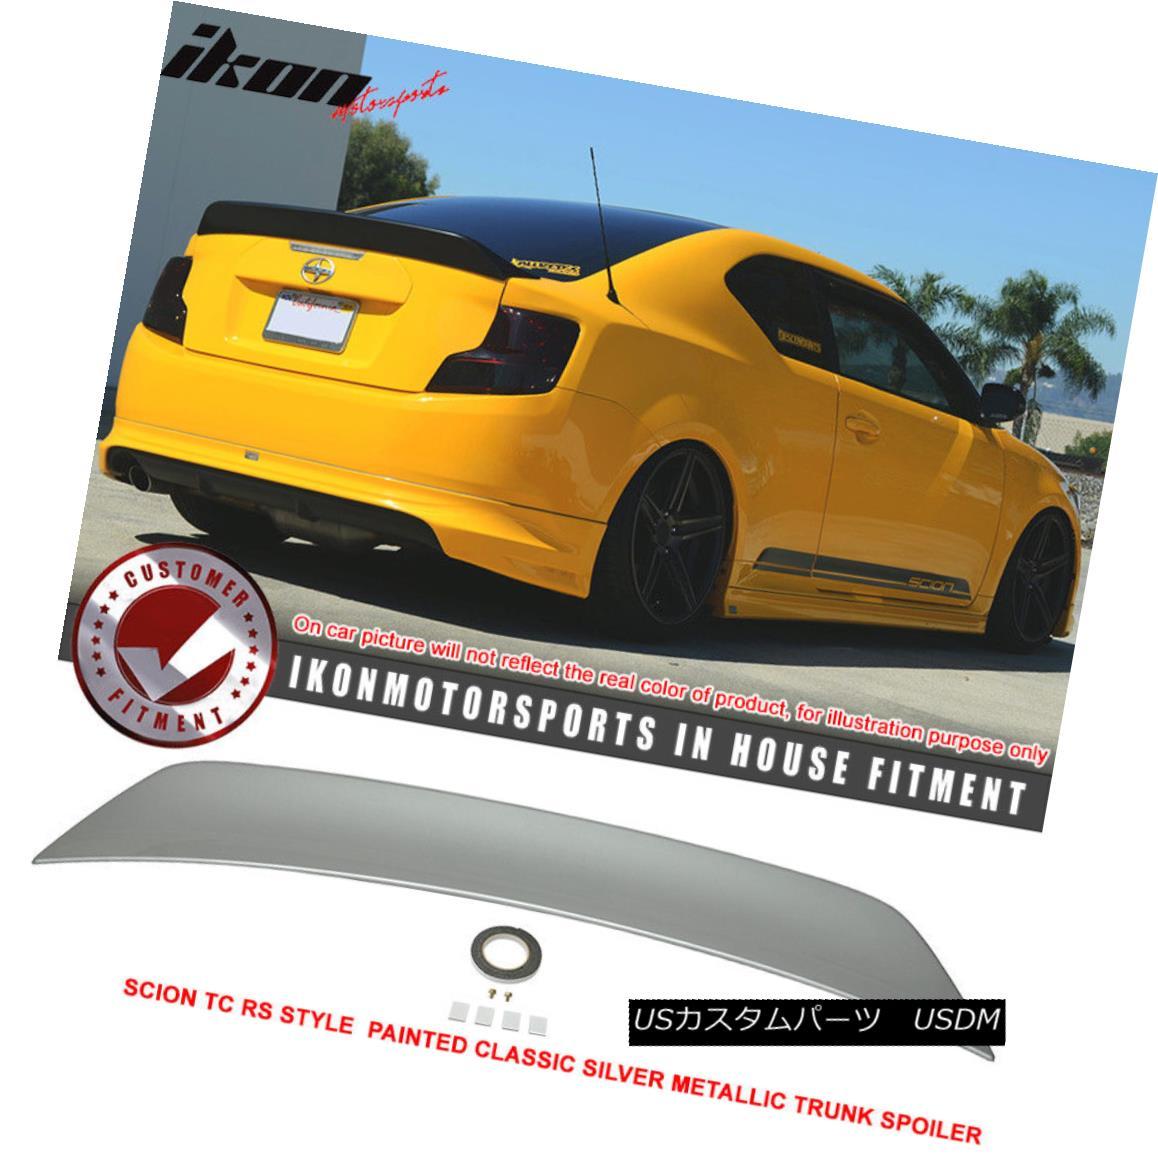 エアロパーツ 11-15 TC RS Style Painted # 1F7 Classic Silver Metallic Trunk Spoiler - ABS 11-15 TC RSスタイル塗装#1F7クラシックシルバーメタリックトランクスポイラー - ABS